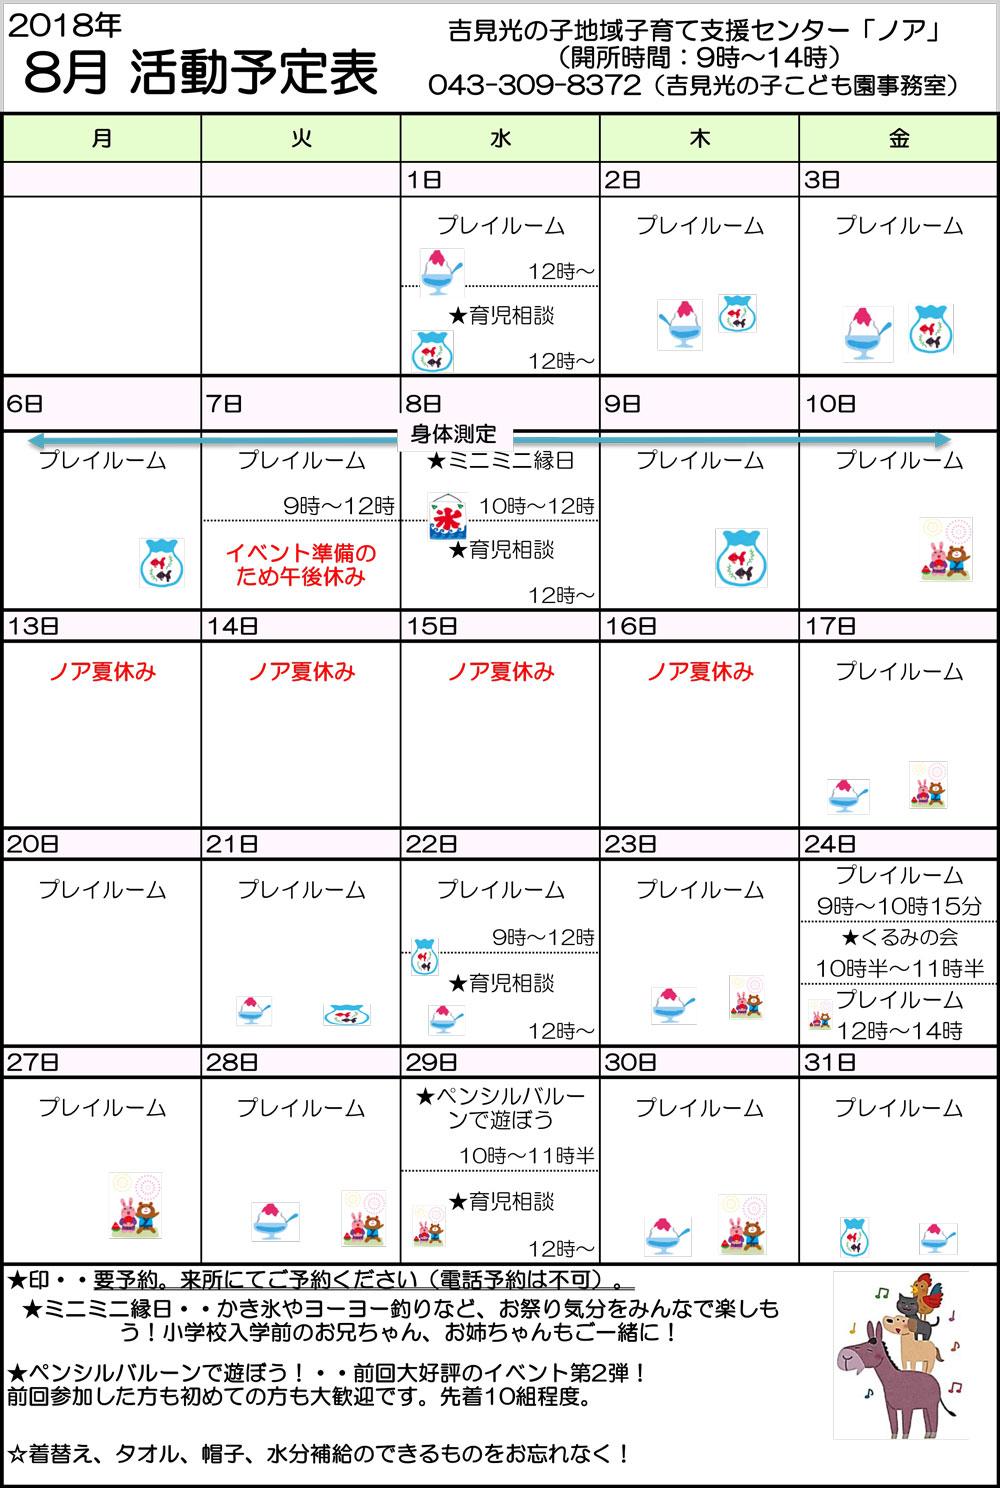 8月ノア活動予定表